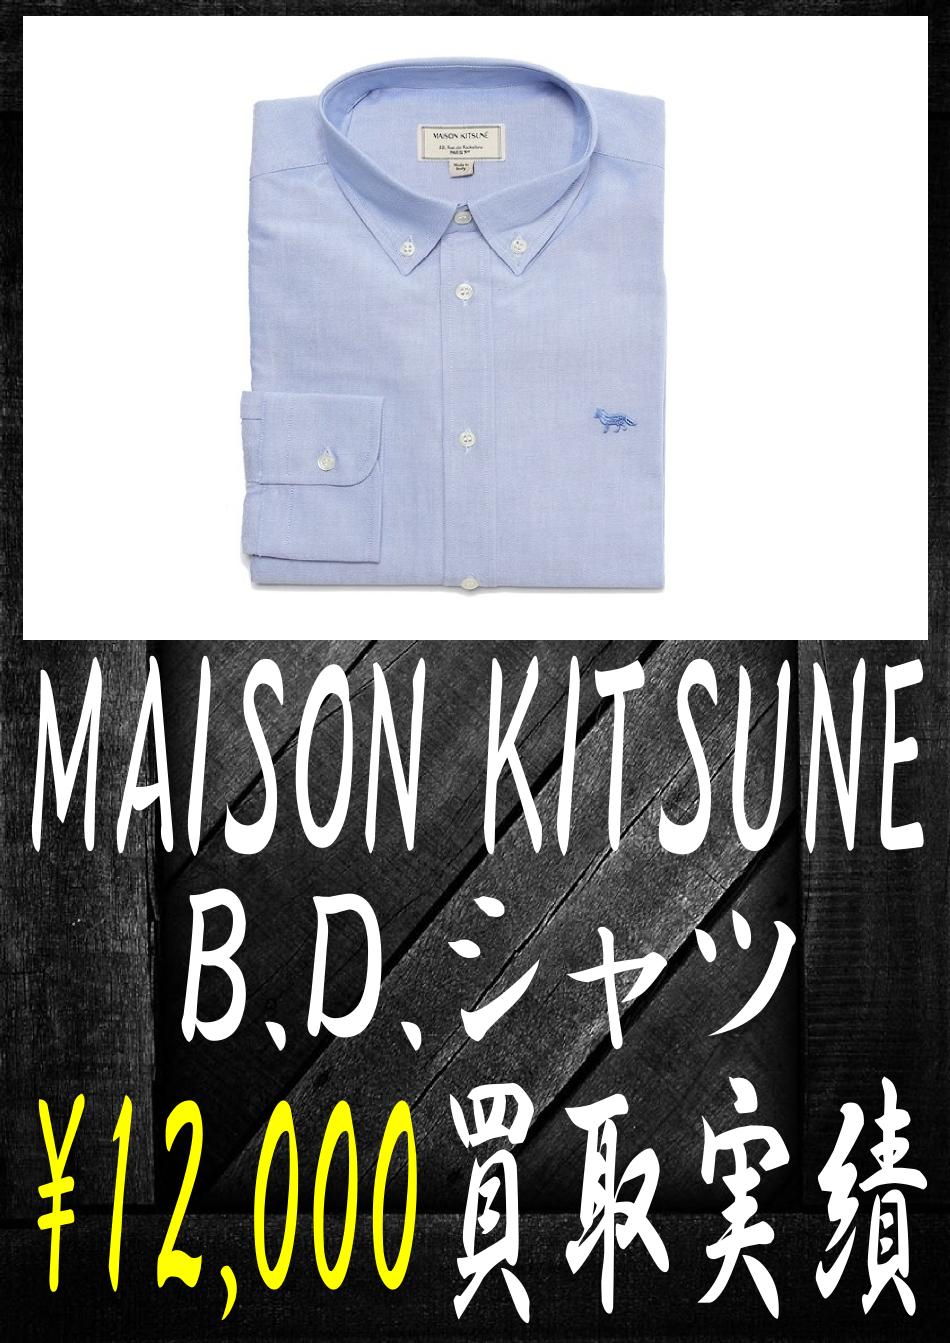 メゾンキツネのBDシャツ-12000円買取です。